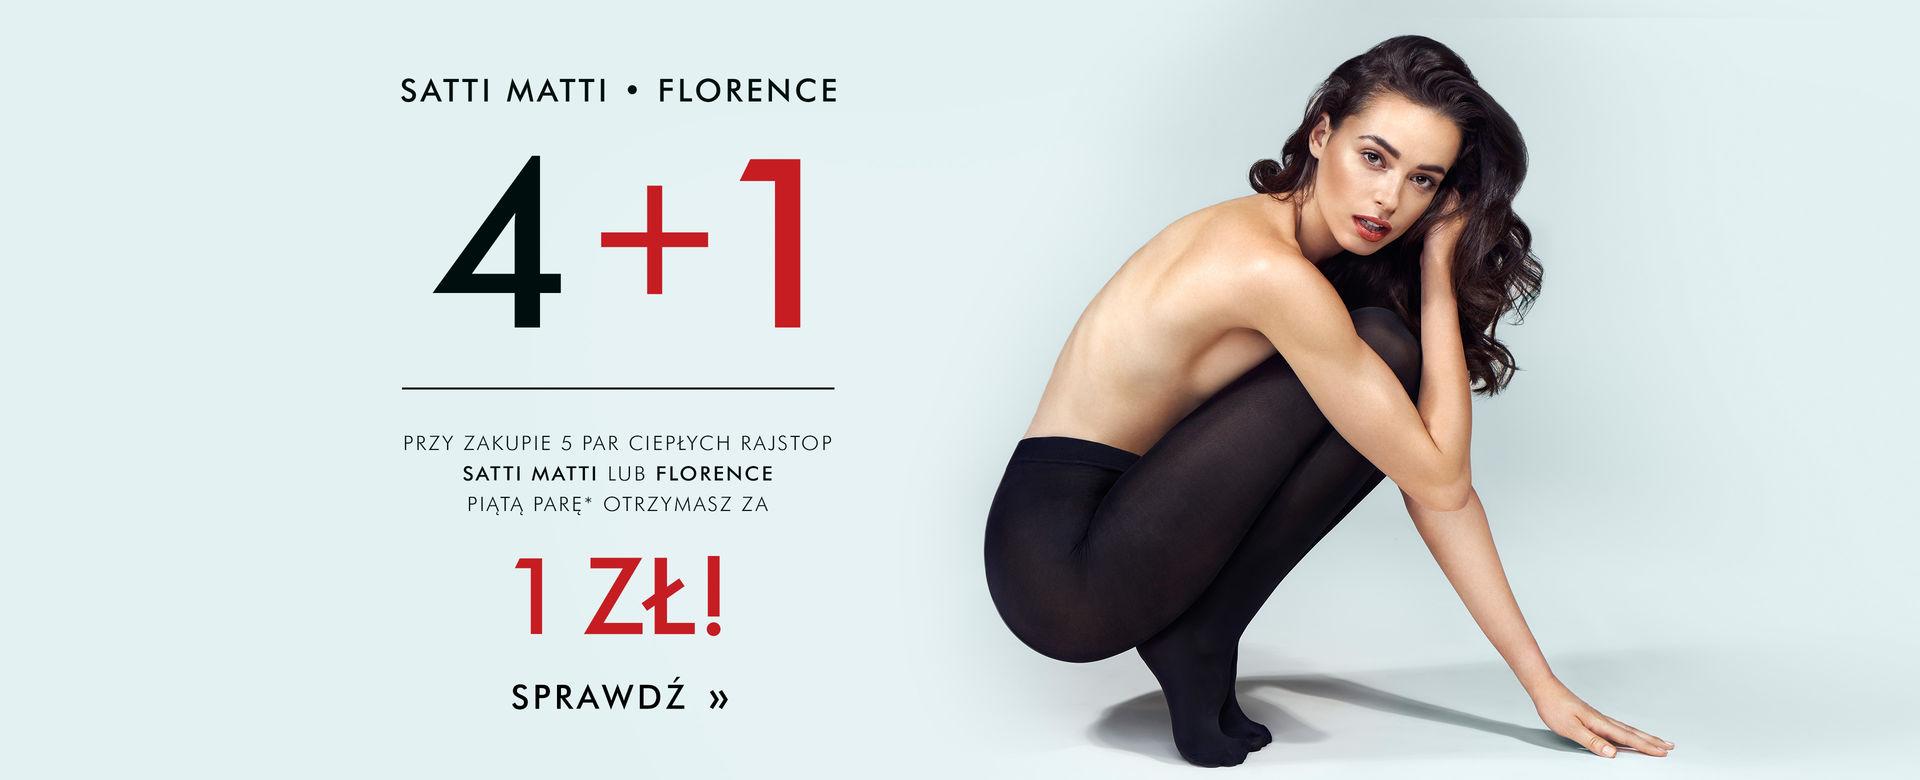 Satti Matti i Florence 4+1